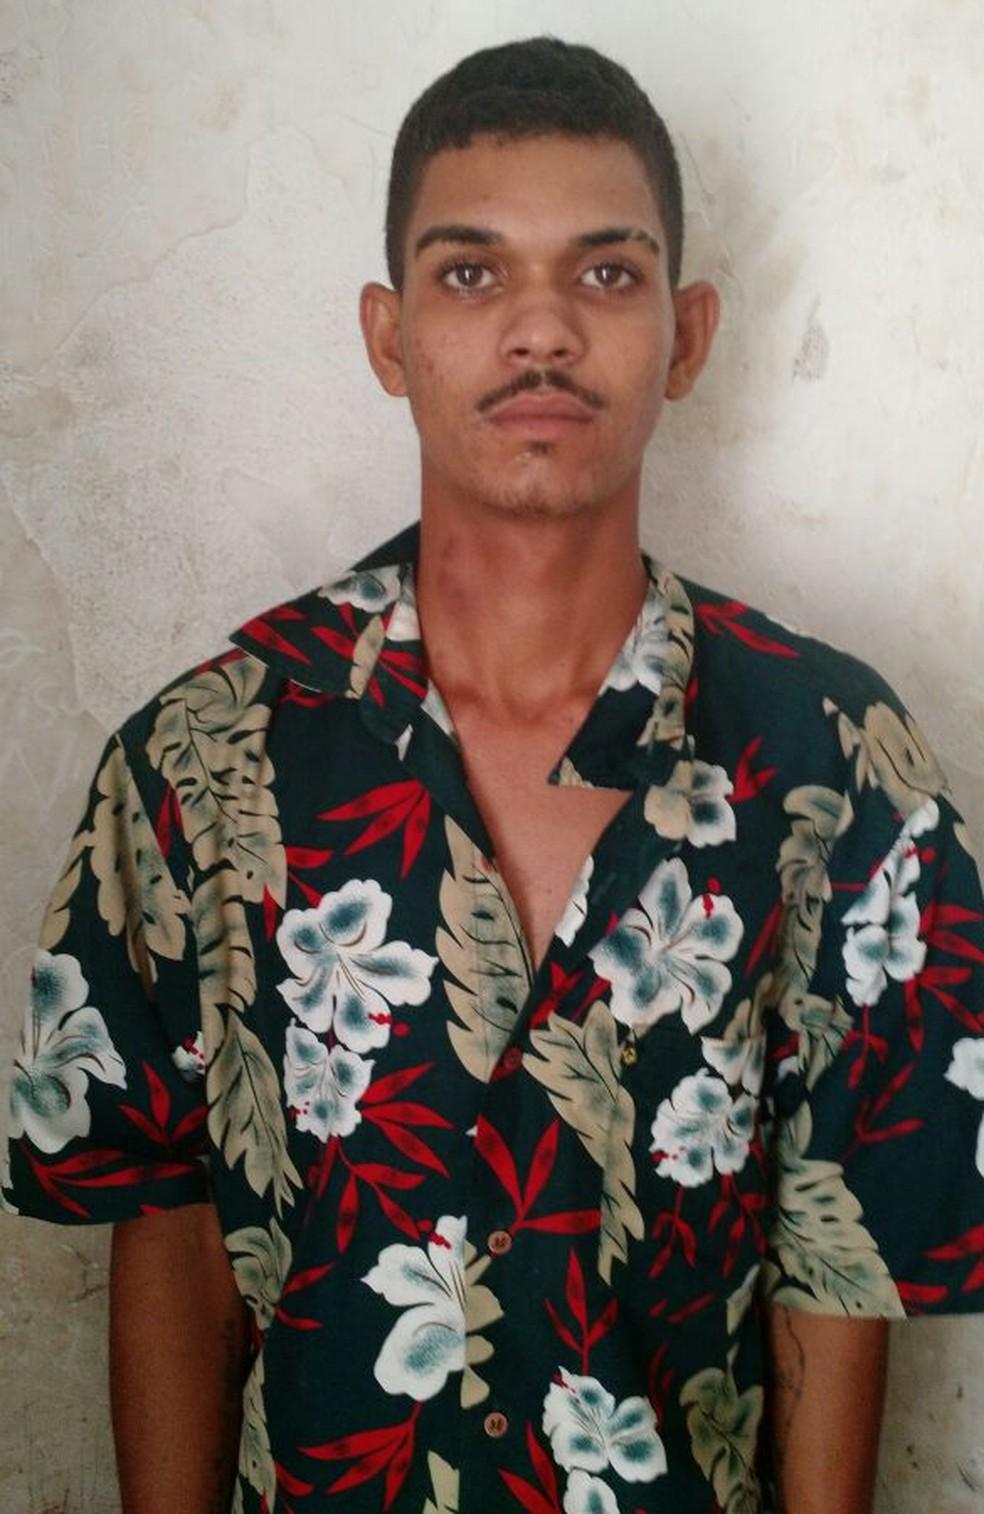 Renato Nascimento Rocha foi encontrado morto no CDP Ceará-Mirim (Foto: Divulgação)